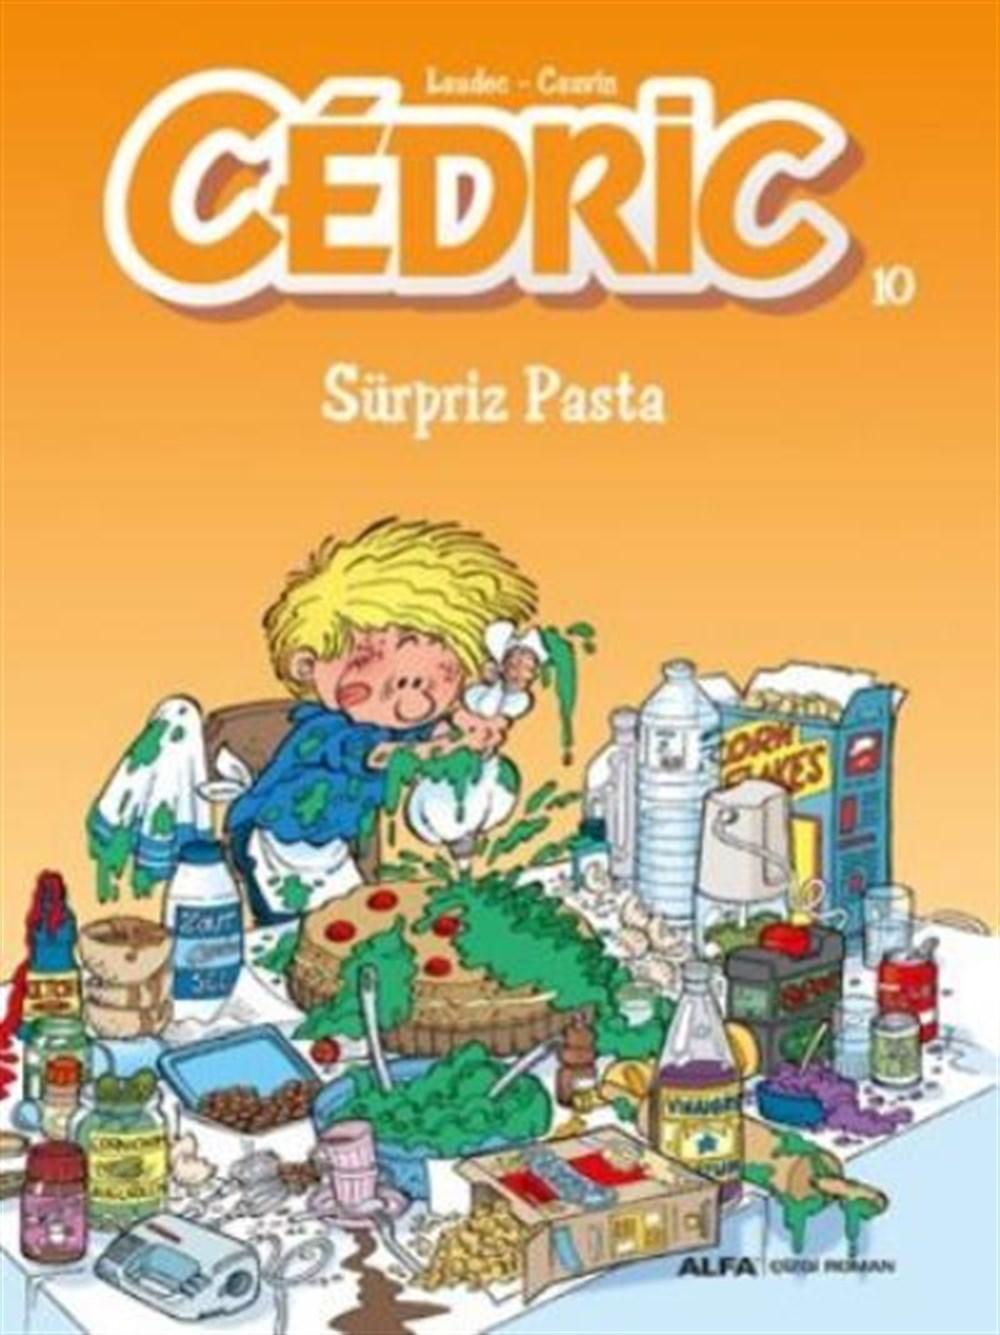 Cedric 10 - Sürpriz Pasta